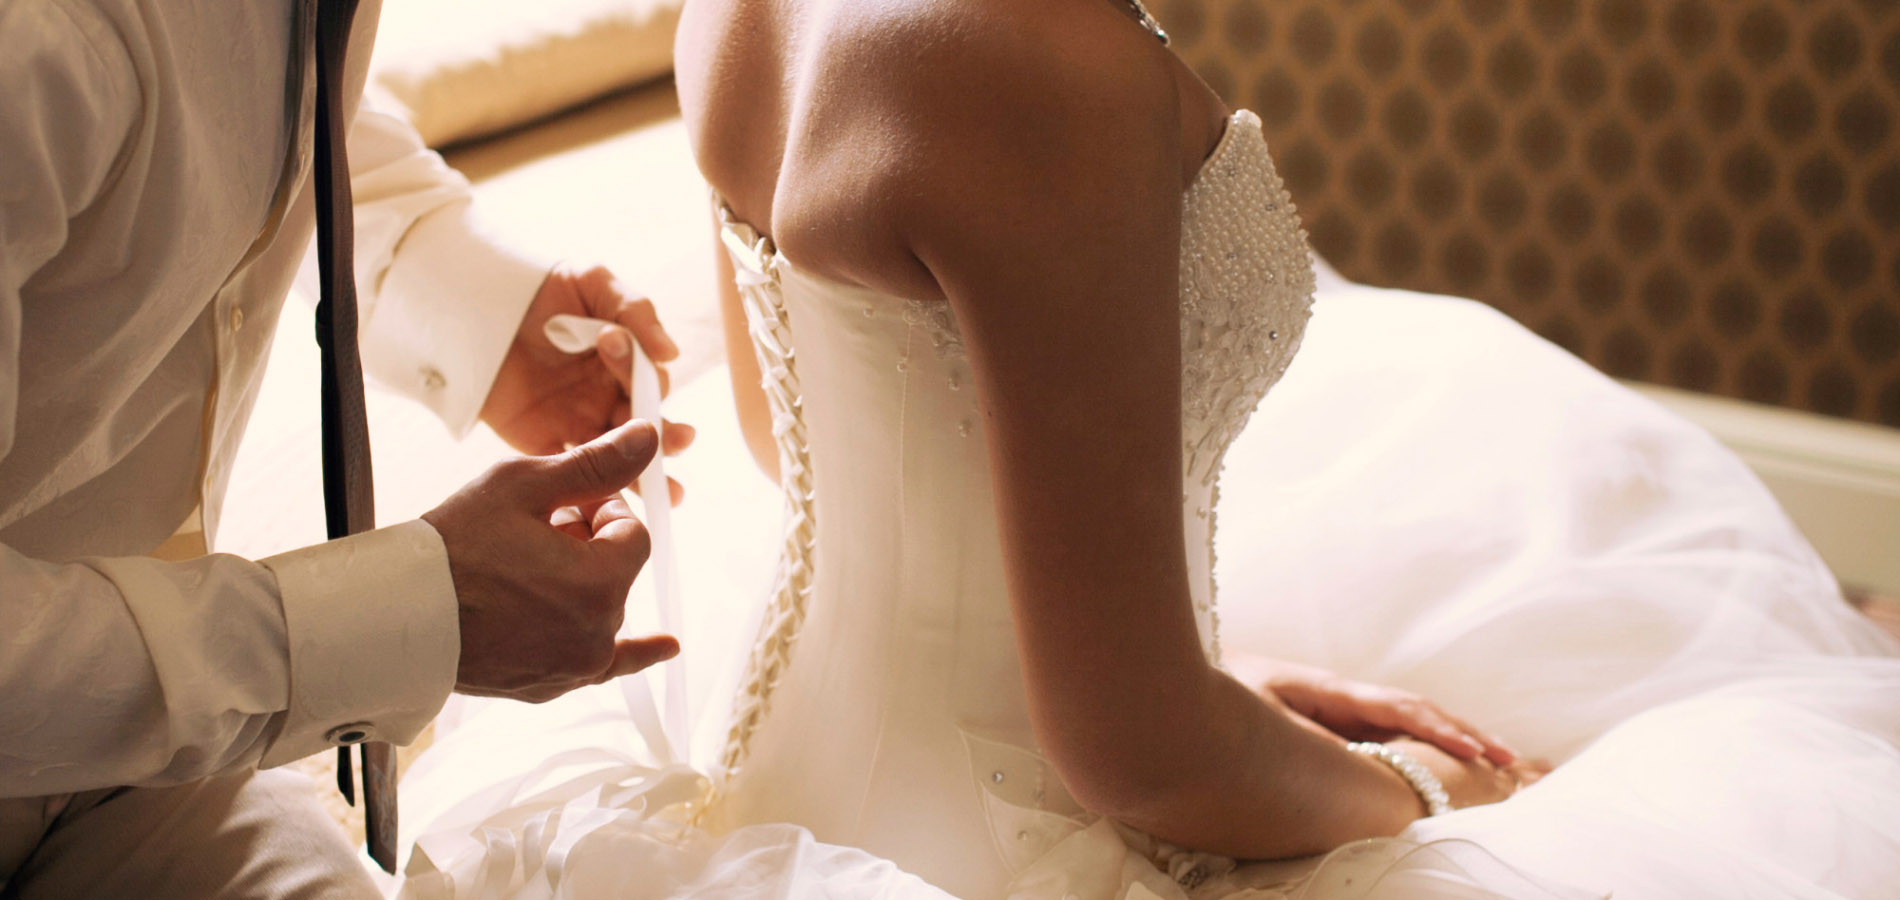 Съёмка сборов невесты 1900x900